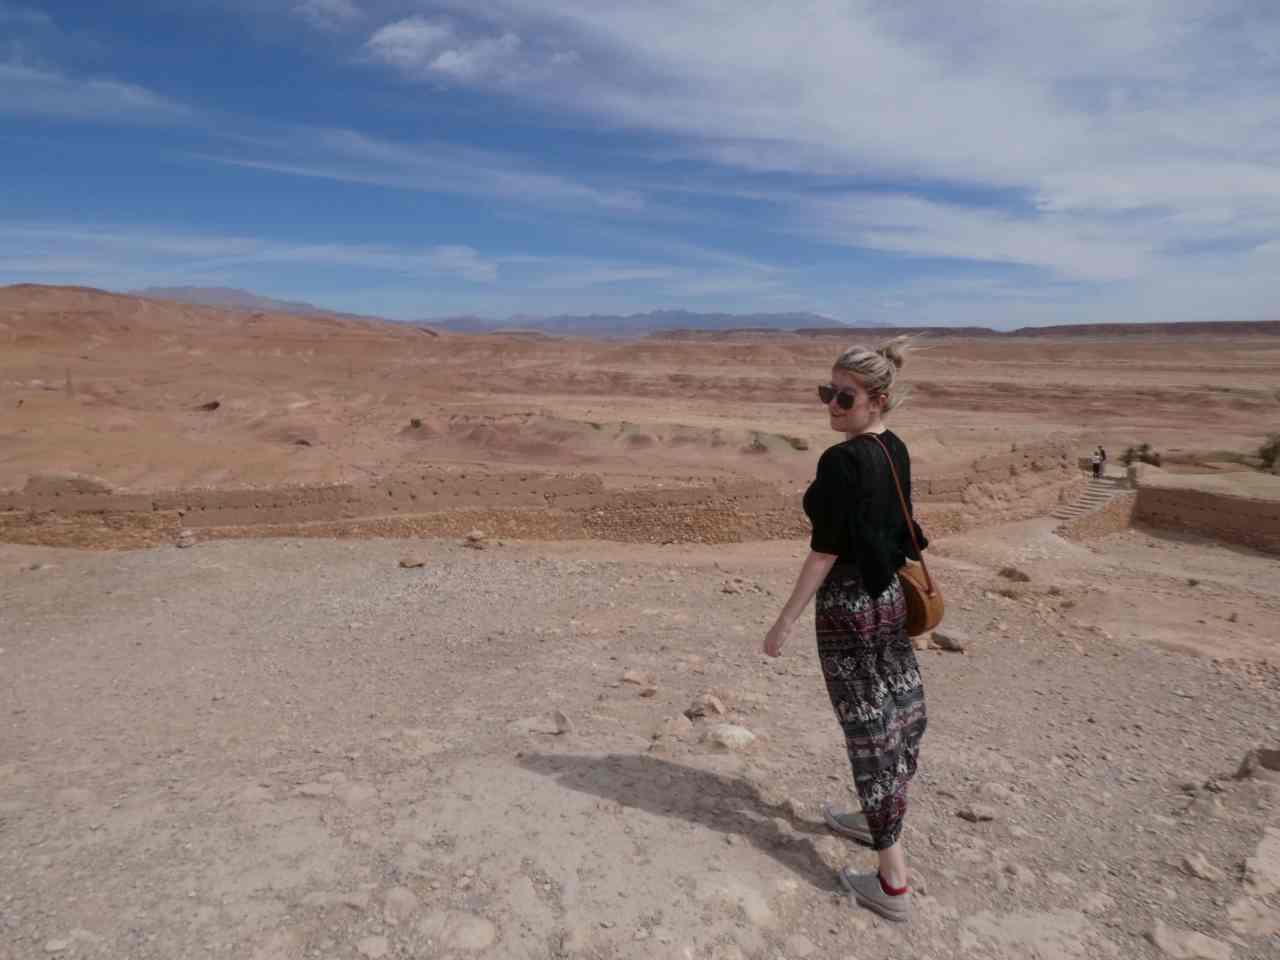 The doorway to the sahara desert